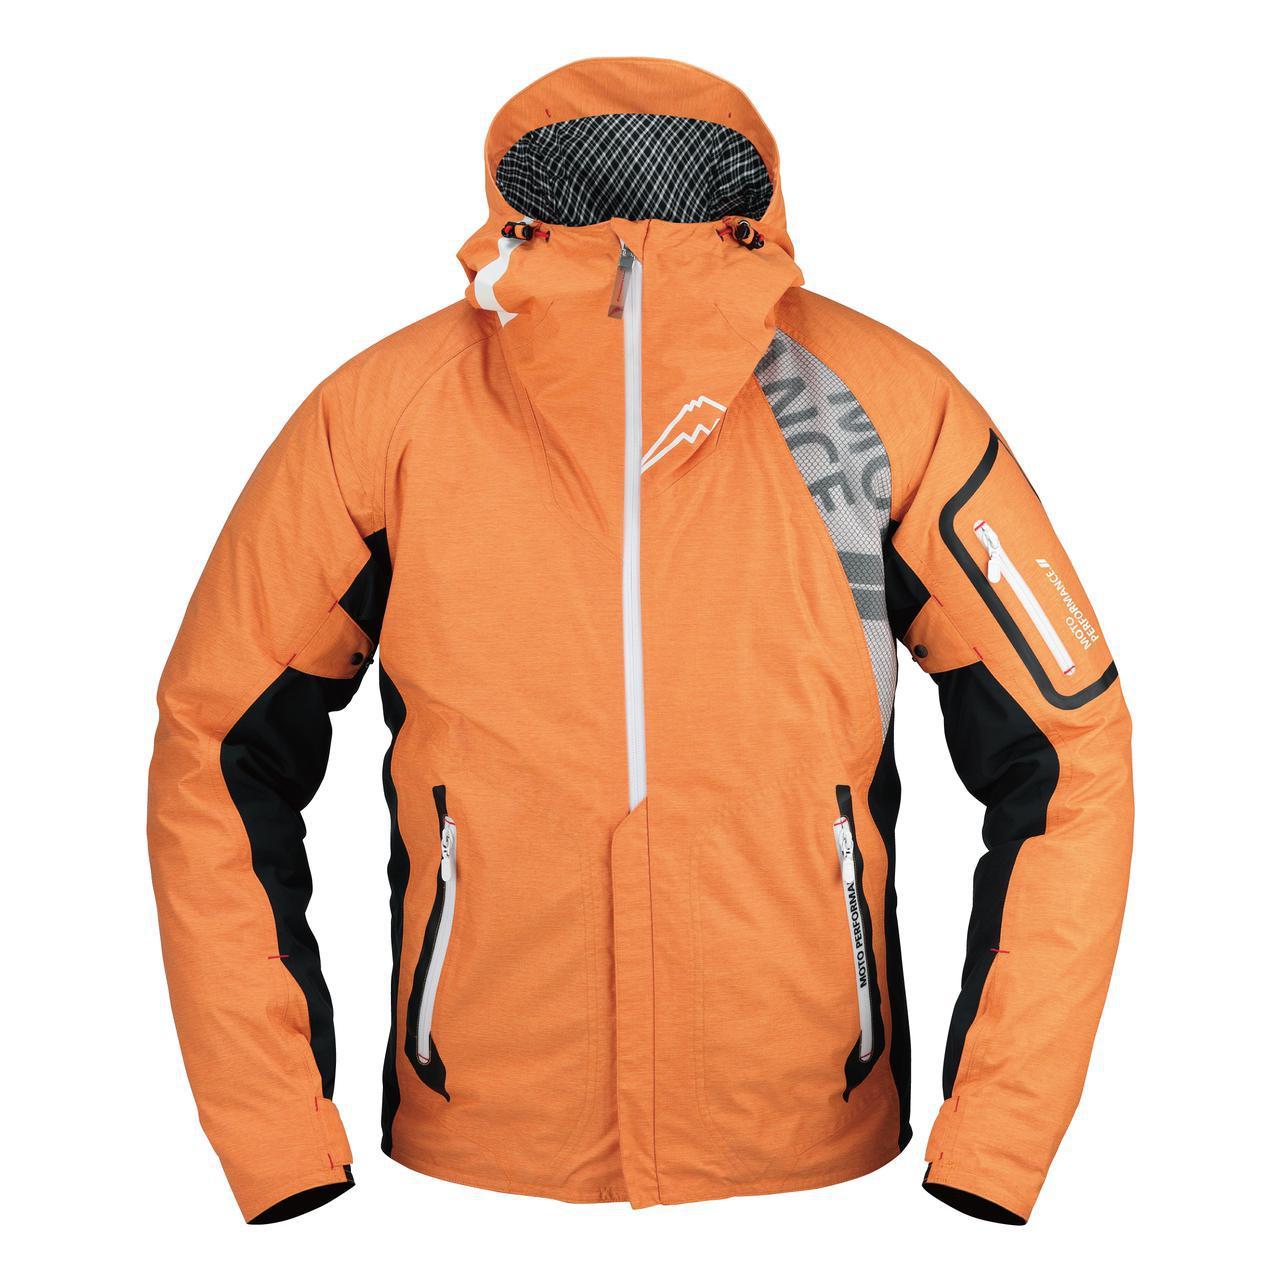 画像: クシタニ K-2805 WINTER AMENITE JACKET 税込価格:4万9500円 サイズ:M、L、LL、XL カラー:ブラックアウト、レッド、グリーン、オレンジ